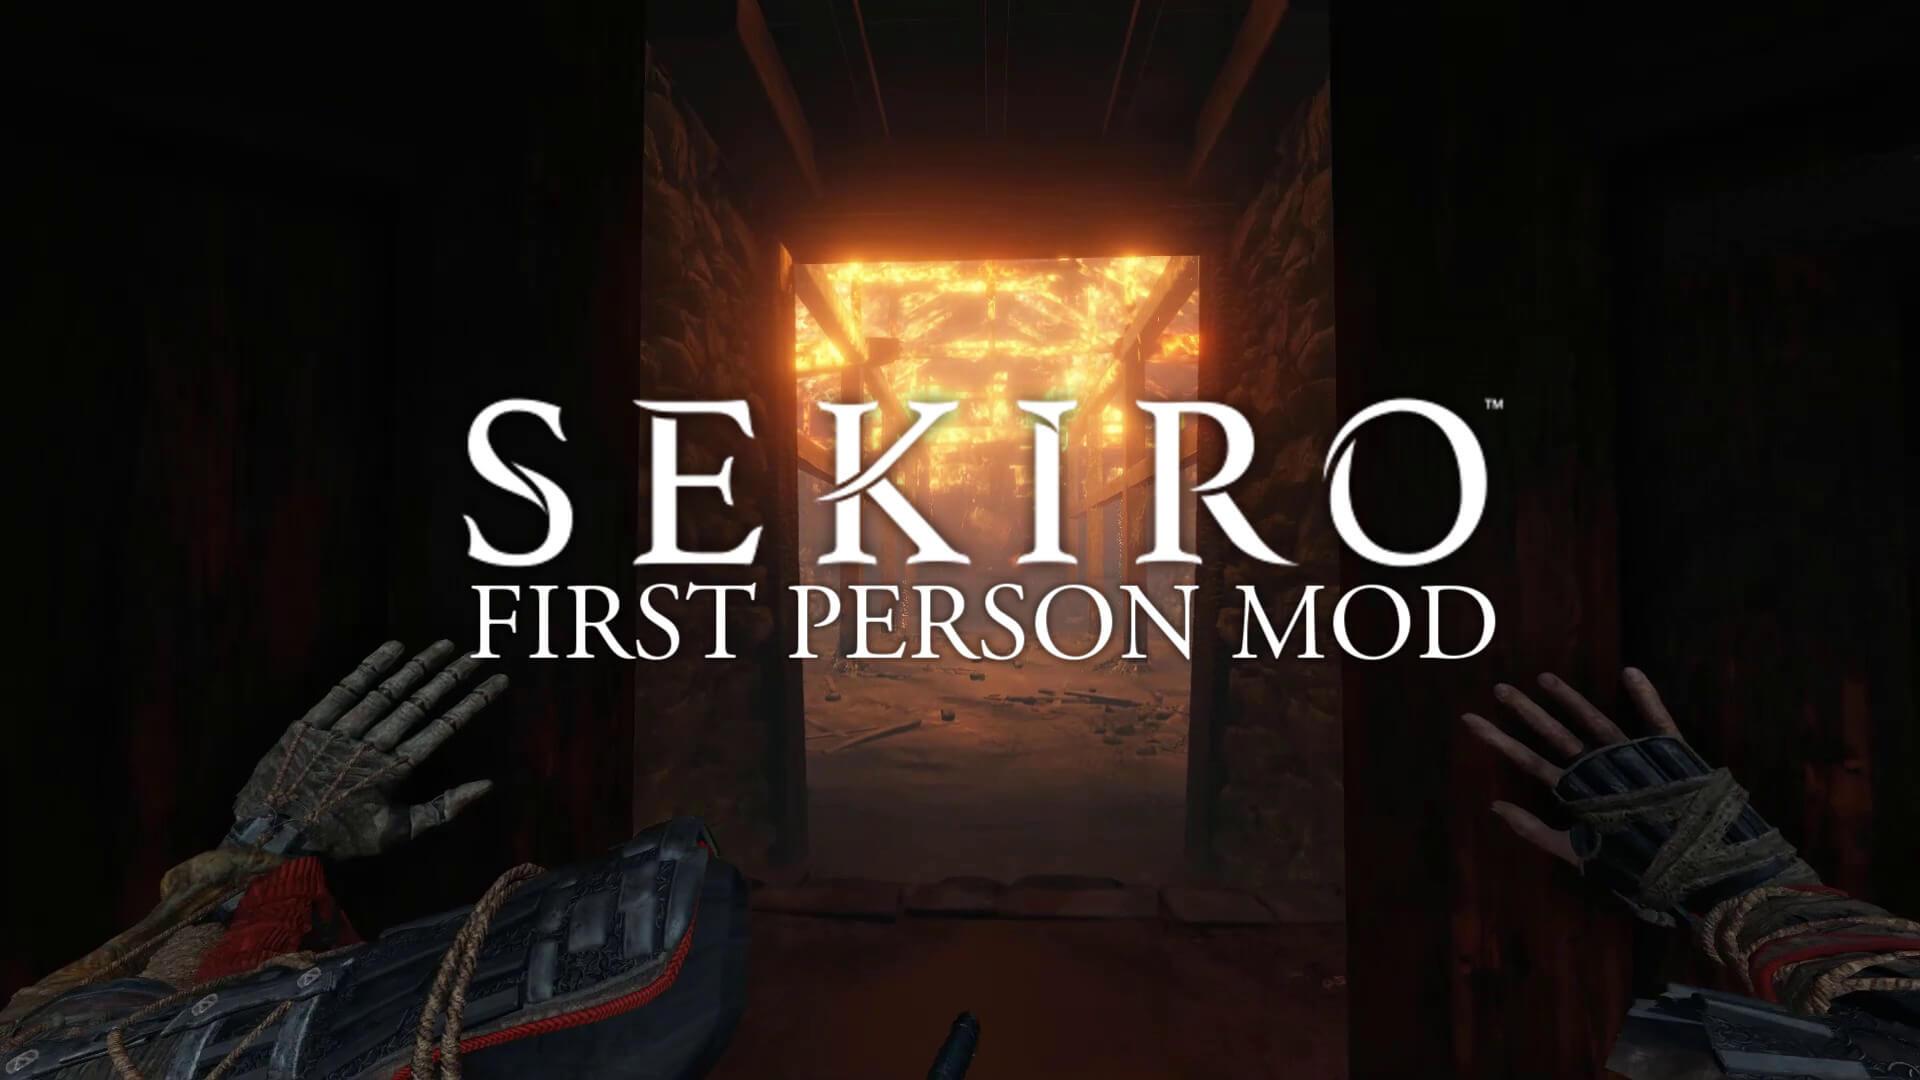 Теперь вы можете играть в Sekiro: Shadows Die Twice в режиме от первого лица благодаря этому удивительному моду